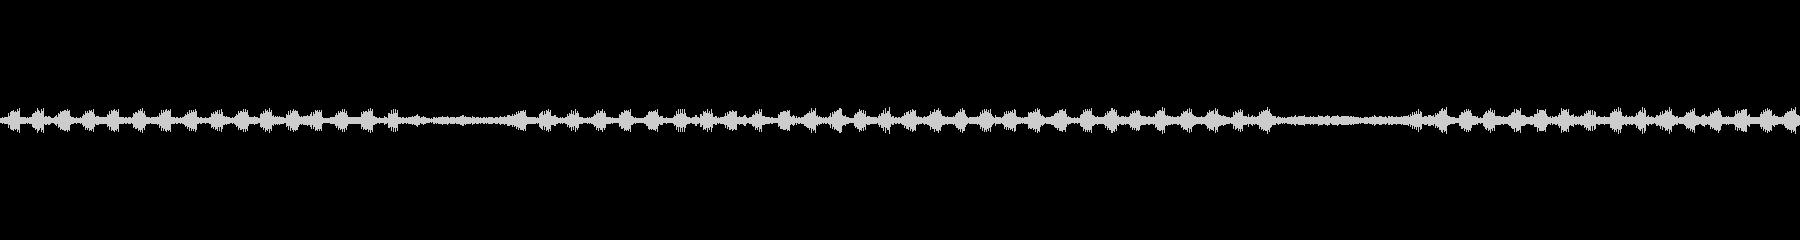 鈴虫の鳴く環境音 ループ仕様の未再生の波形